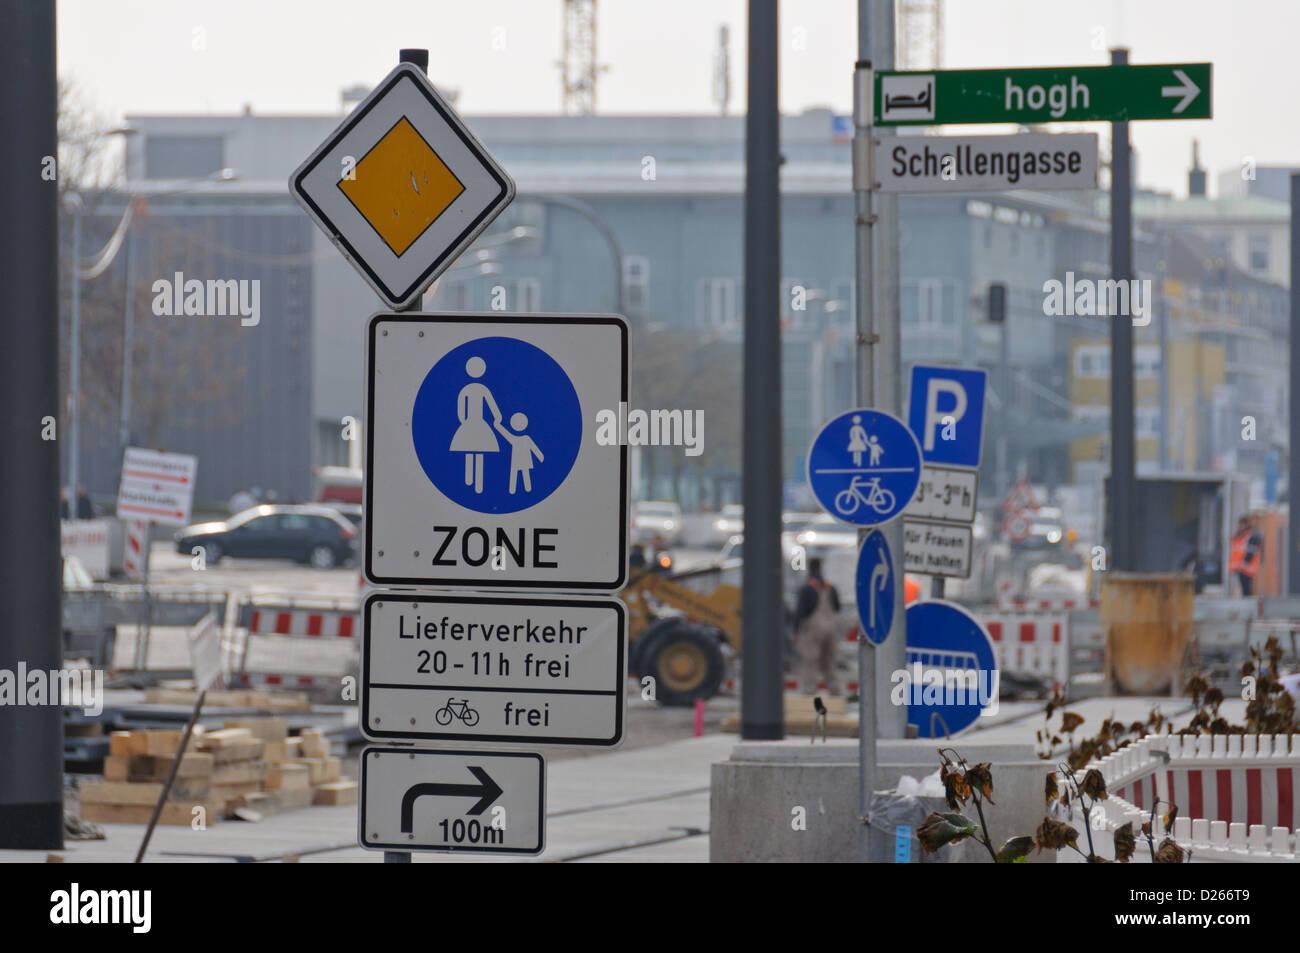 Wald von Verkehrszeichen an einer Straße Bau Zone ? Heilbronn, Süddeutschland Stockbild